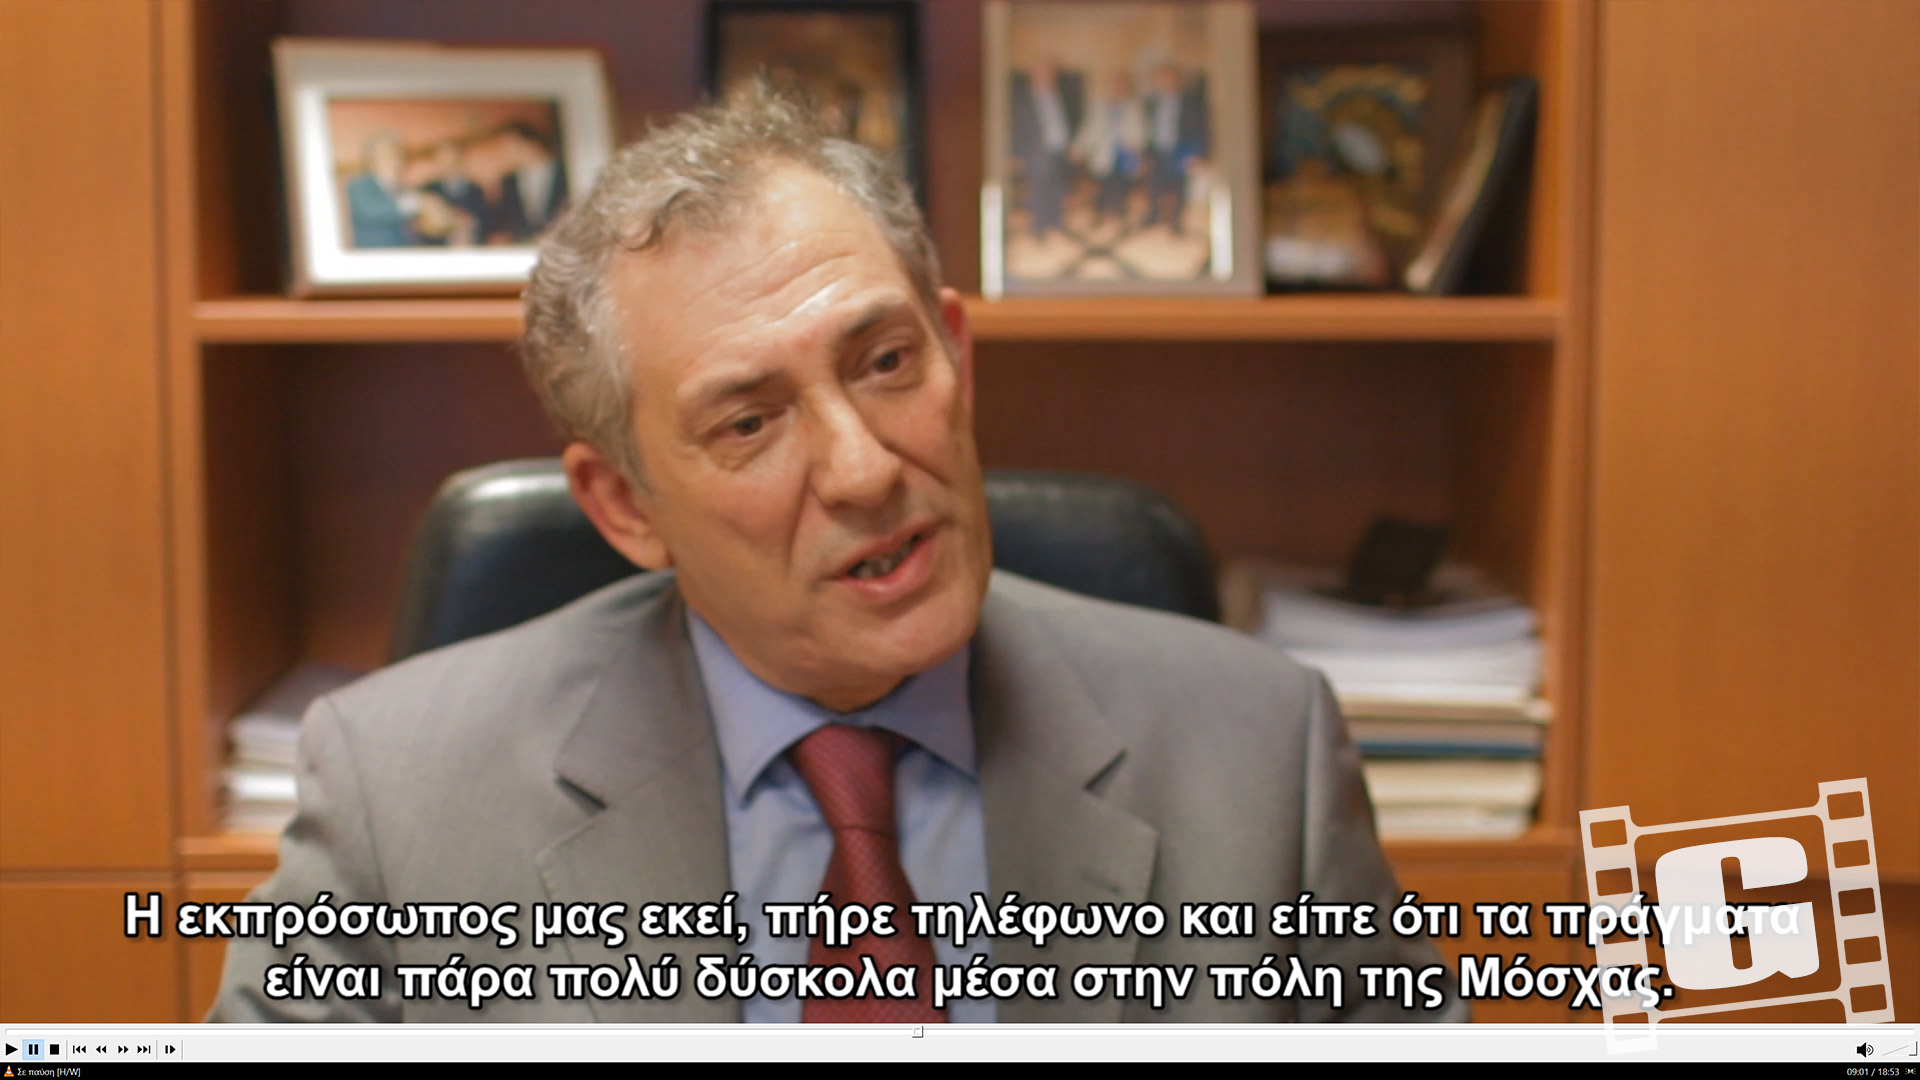 ΙΑΤΡΙΚΟ ΚΕΝΤΡΟ ΑΘΗΝΩΝ, IATRIKO KENTRO ATHINON